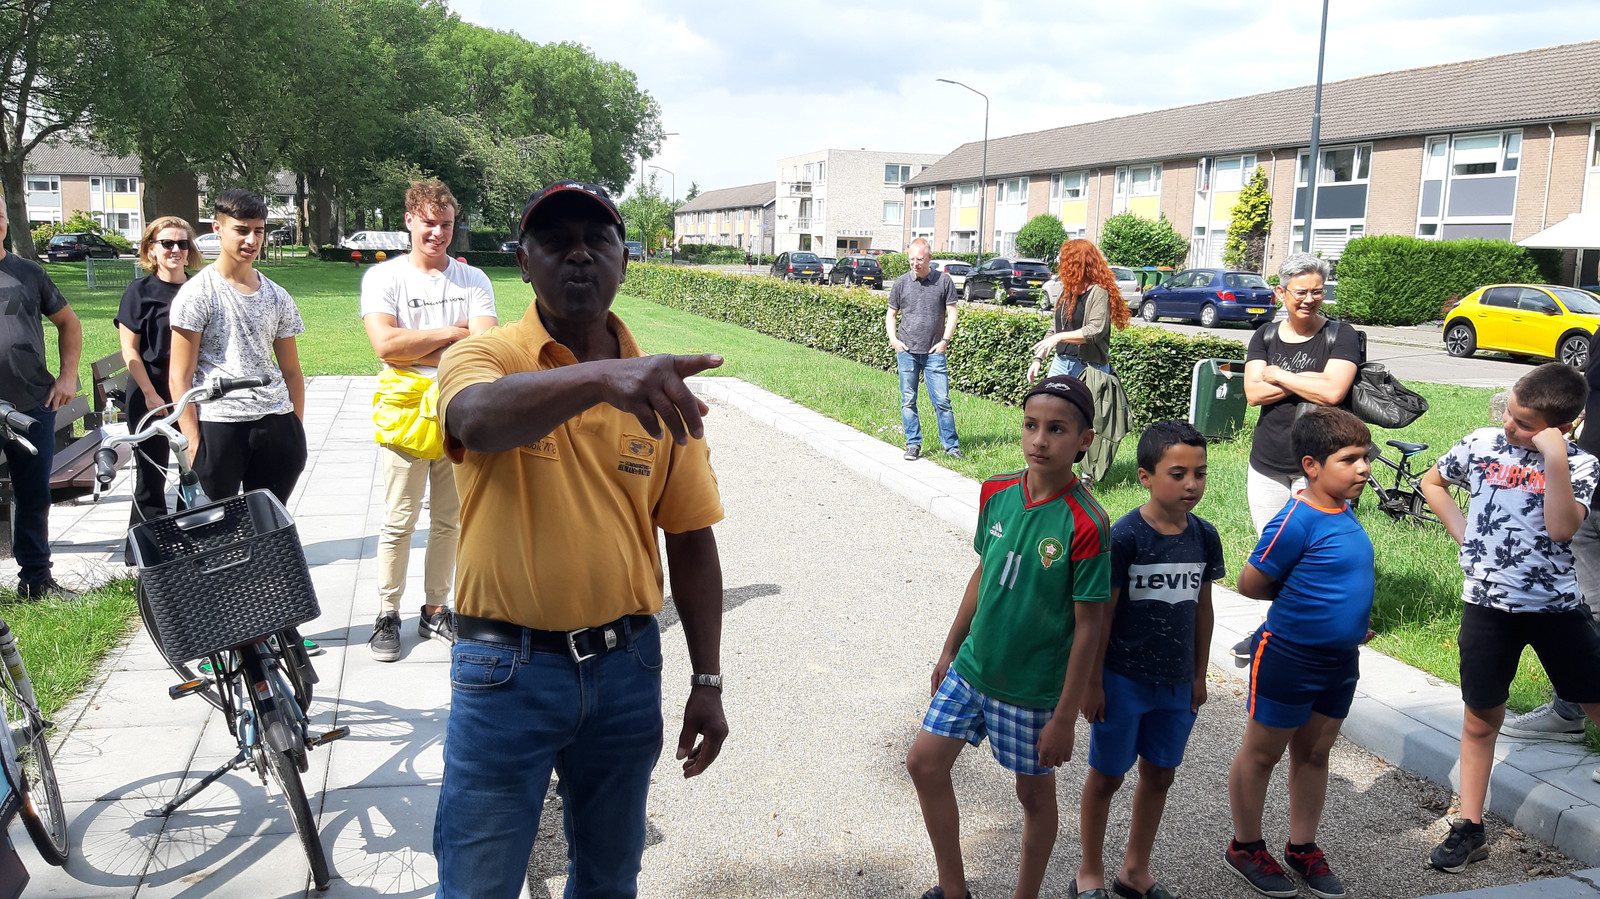 Buurtbewoner Vincent op de pas geopende jeu-de-boulesbaan in de Vlaanderenstraat in de wijk Wisselaar in Breda-Noord, waar hij het initiatief voor genomen heeft.